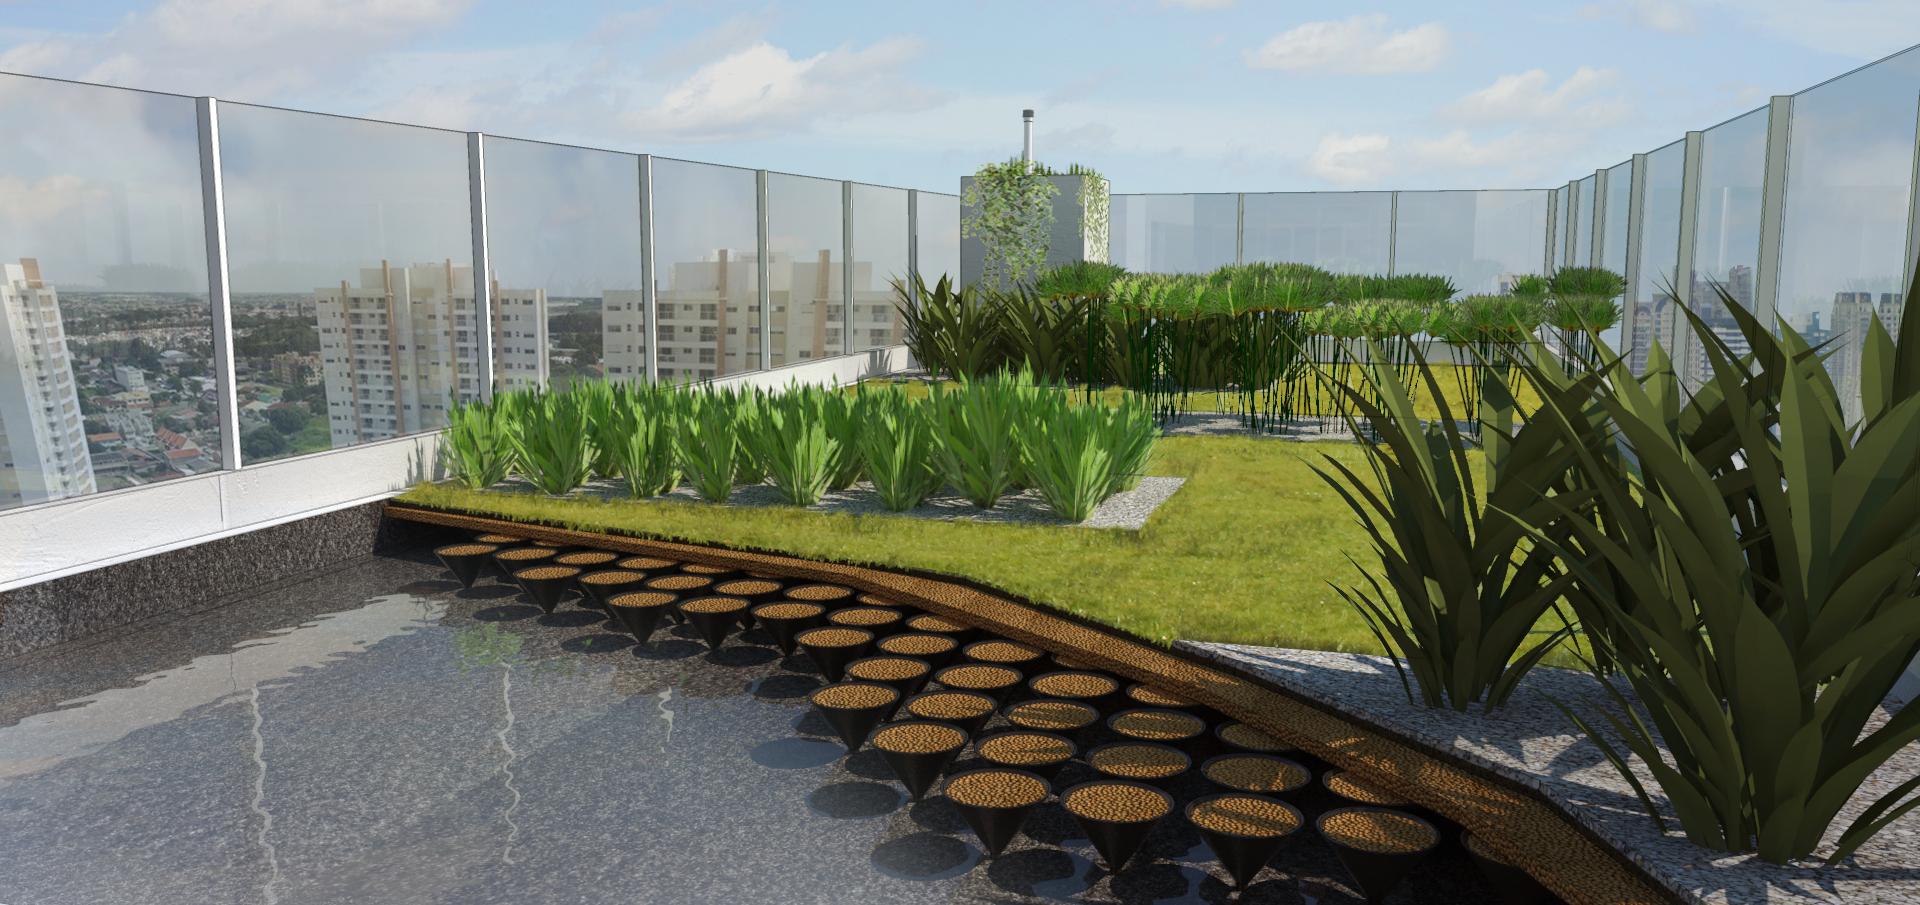 The LEED Platinum, LEED Zero Water Eurobusiness building rooftop constructed wetland